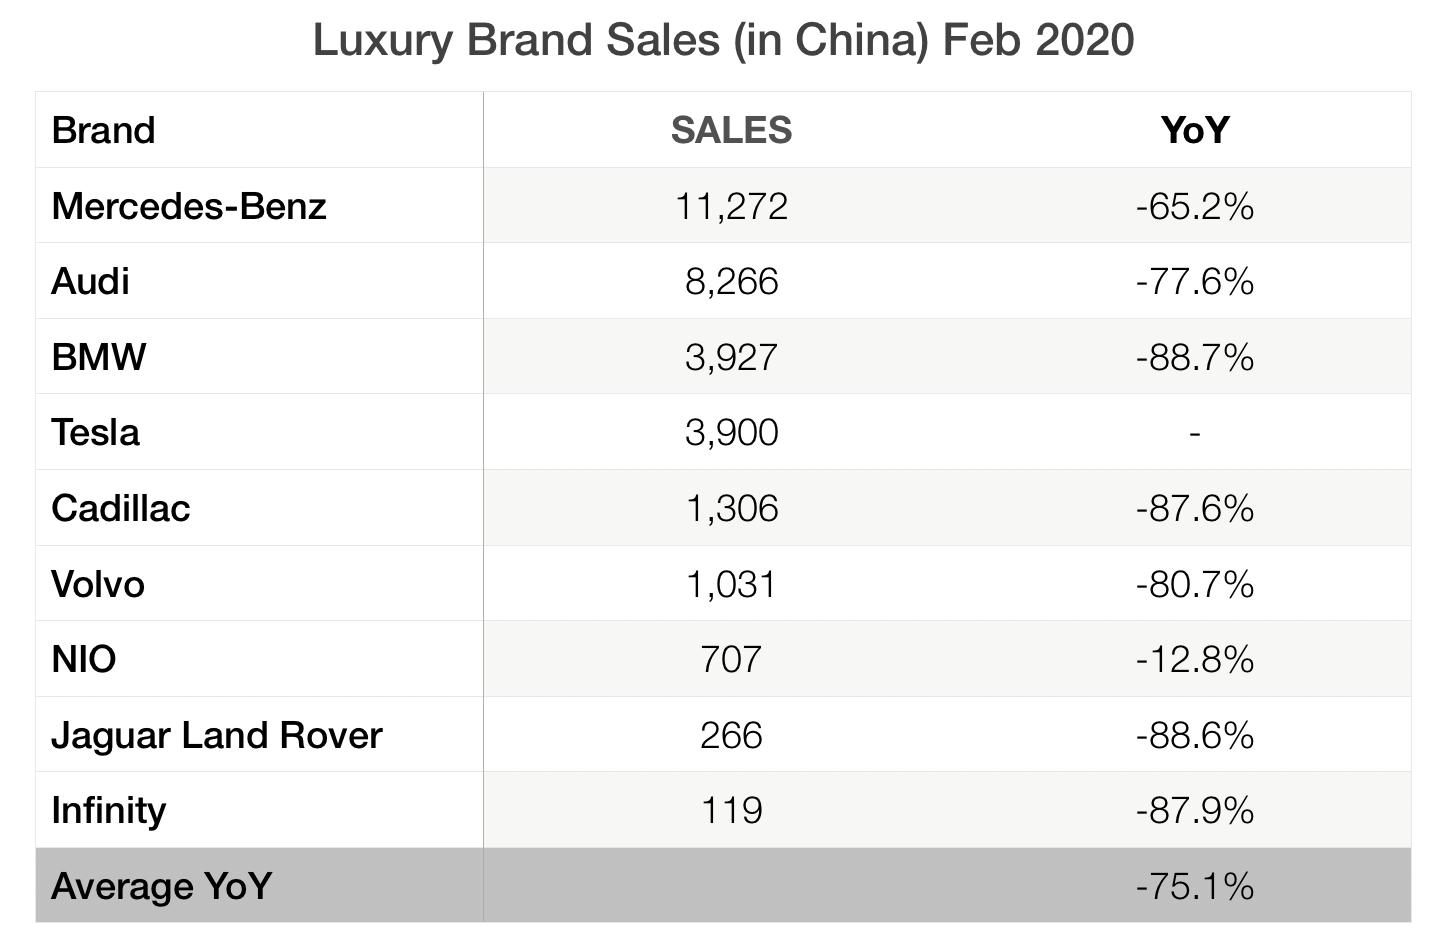 2月份中国市场的豪华品牌销量,蔚来降幅最低